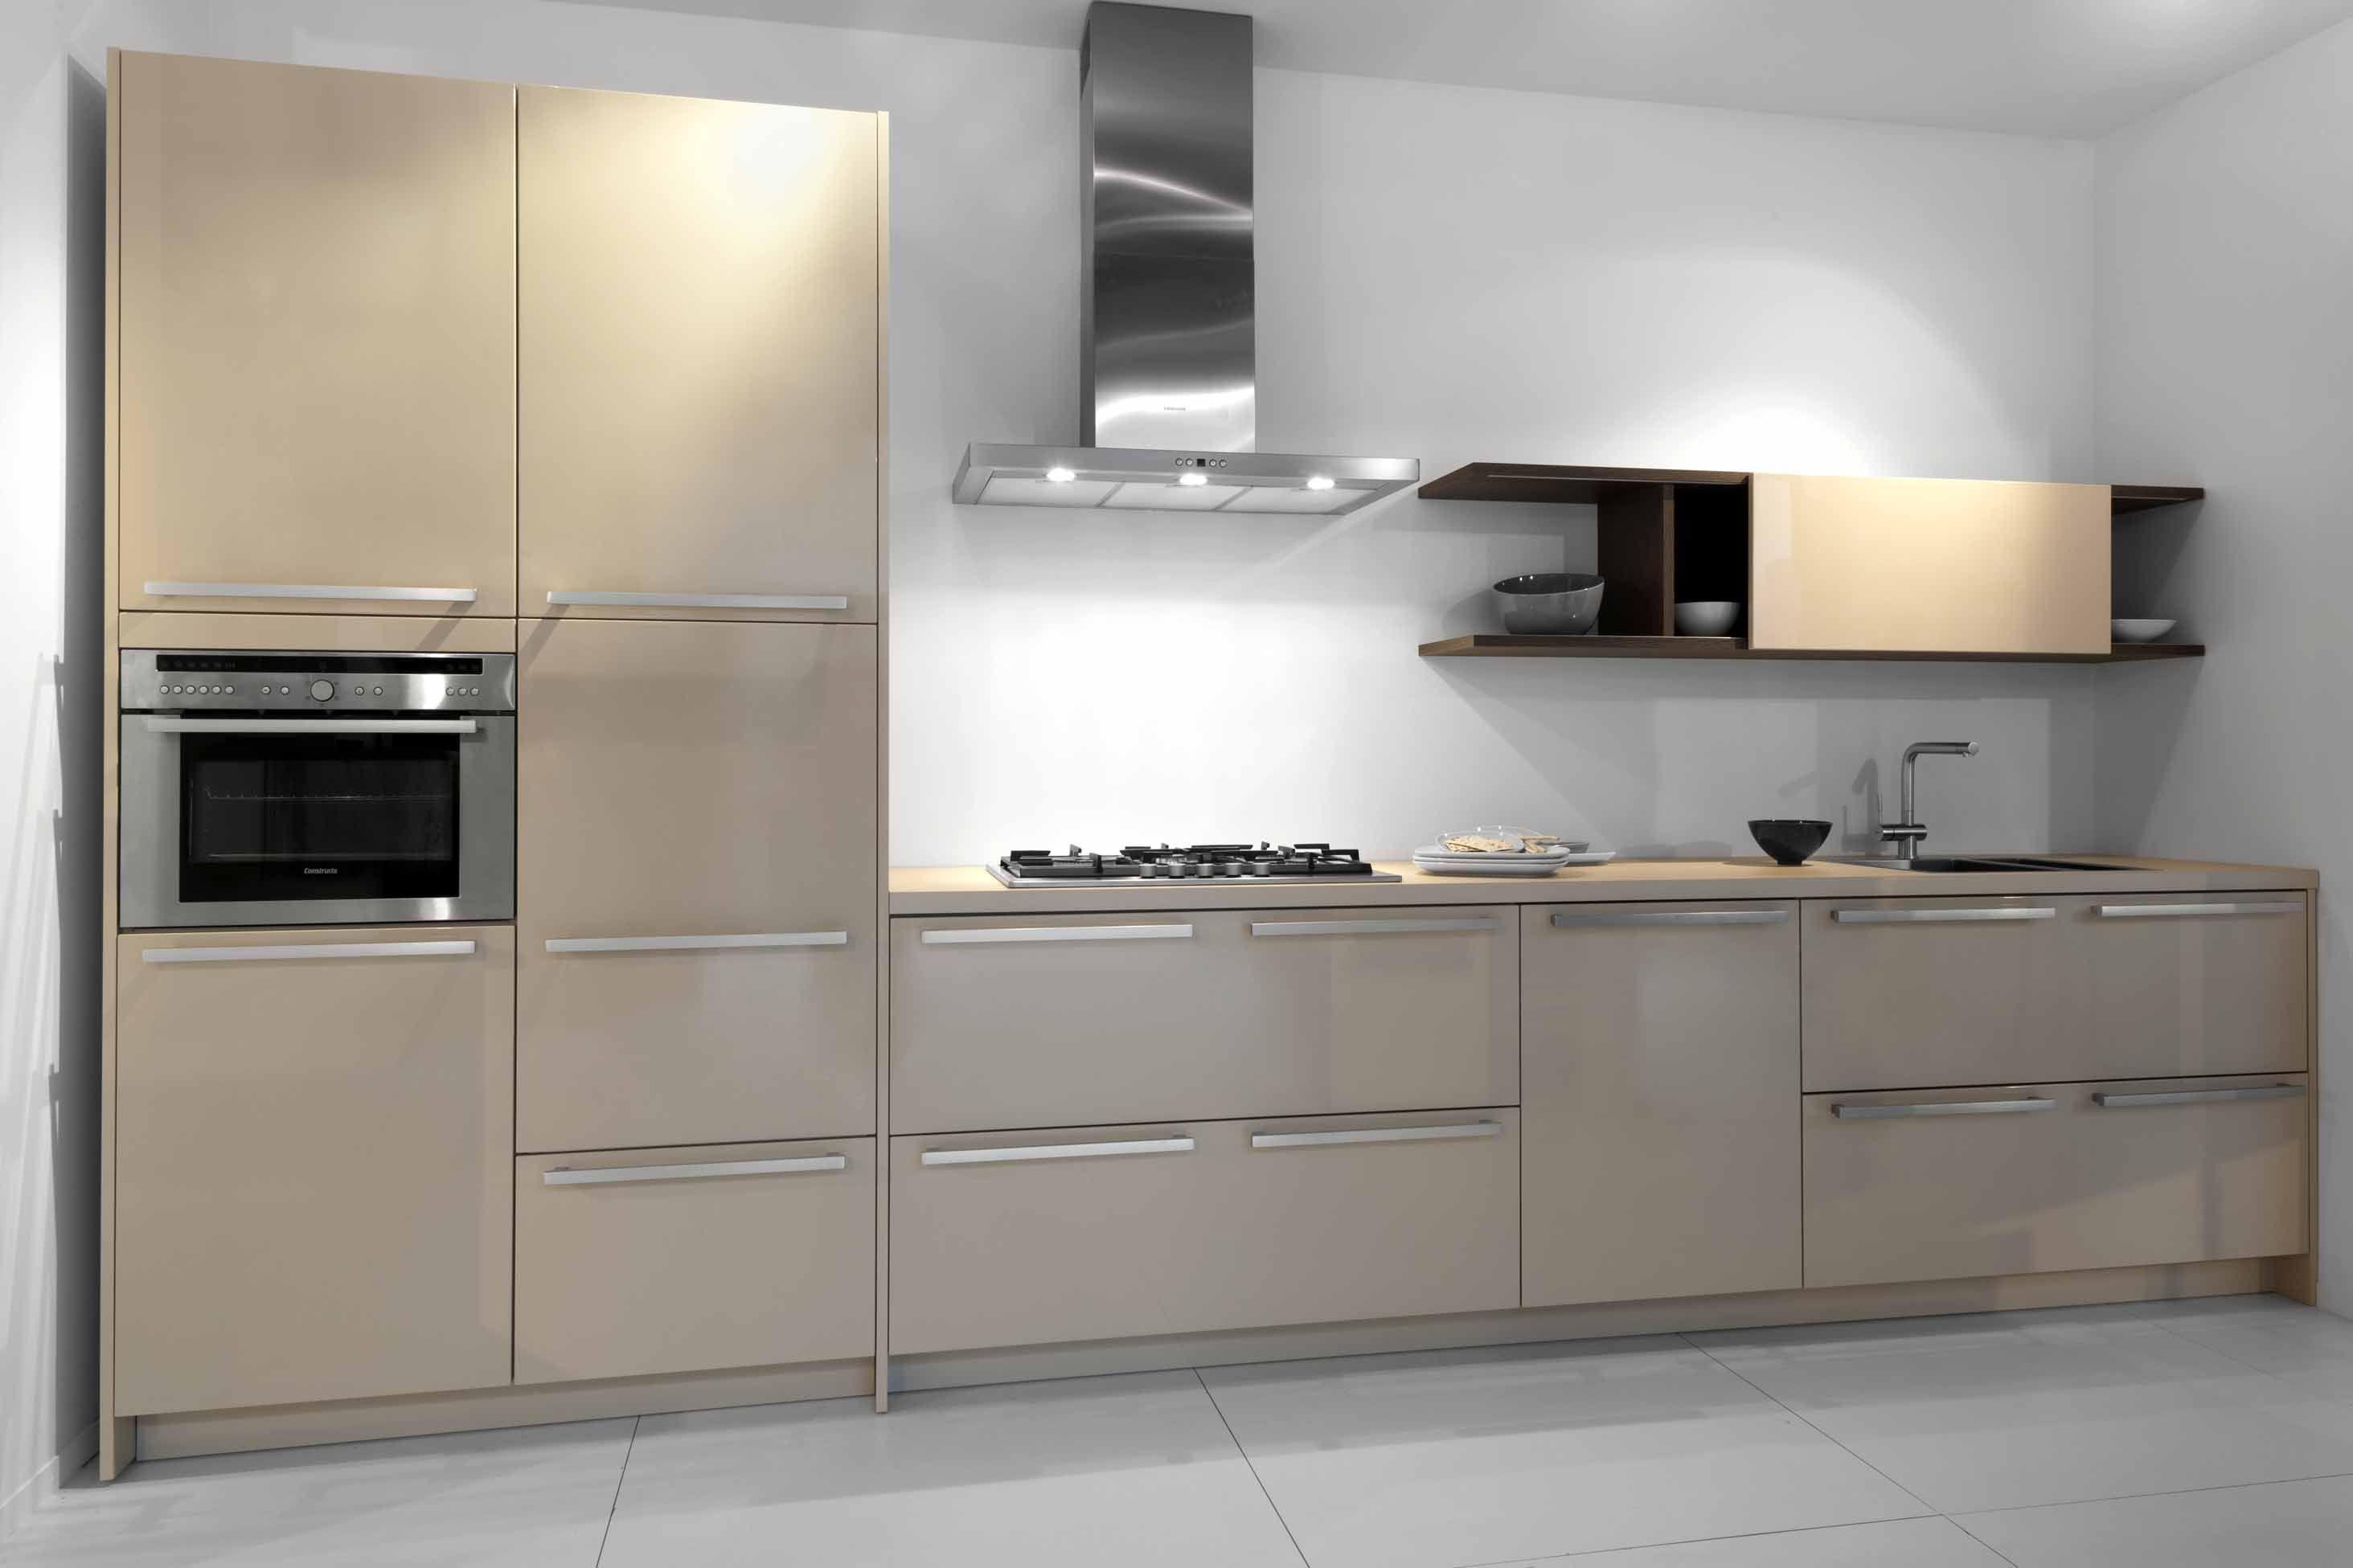 Rechte Keuken Ikea : Keukens rechte opstelling ikea landelijke keuken db keukens de